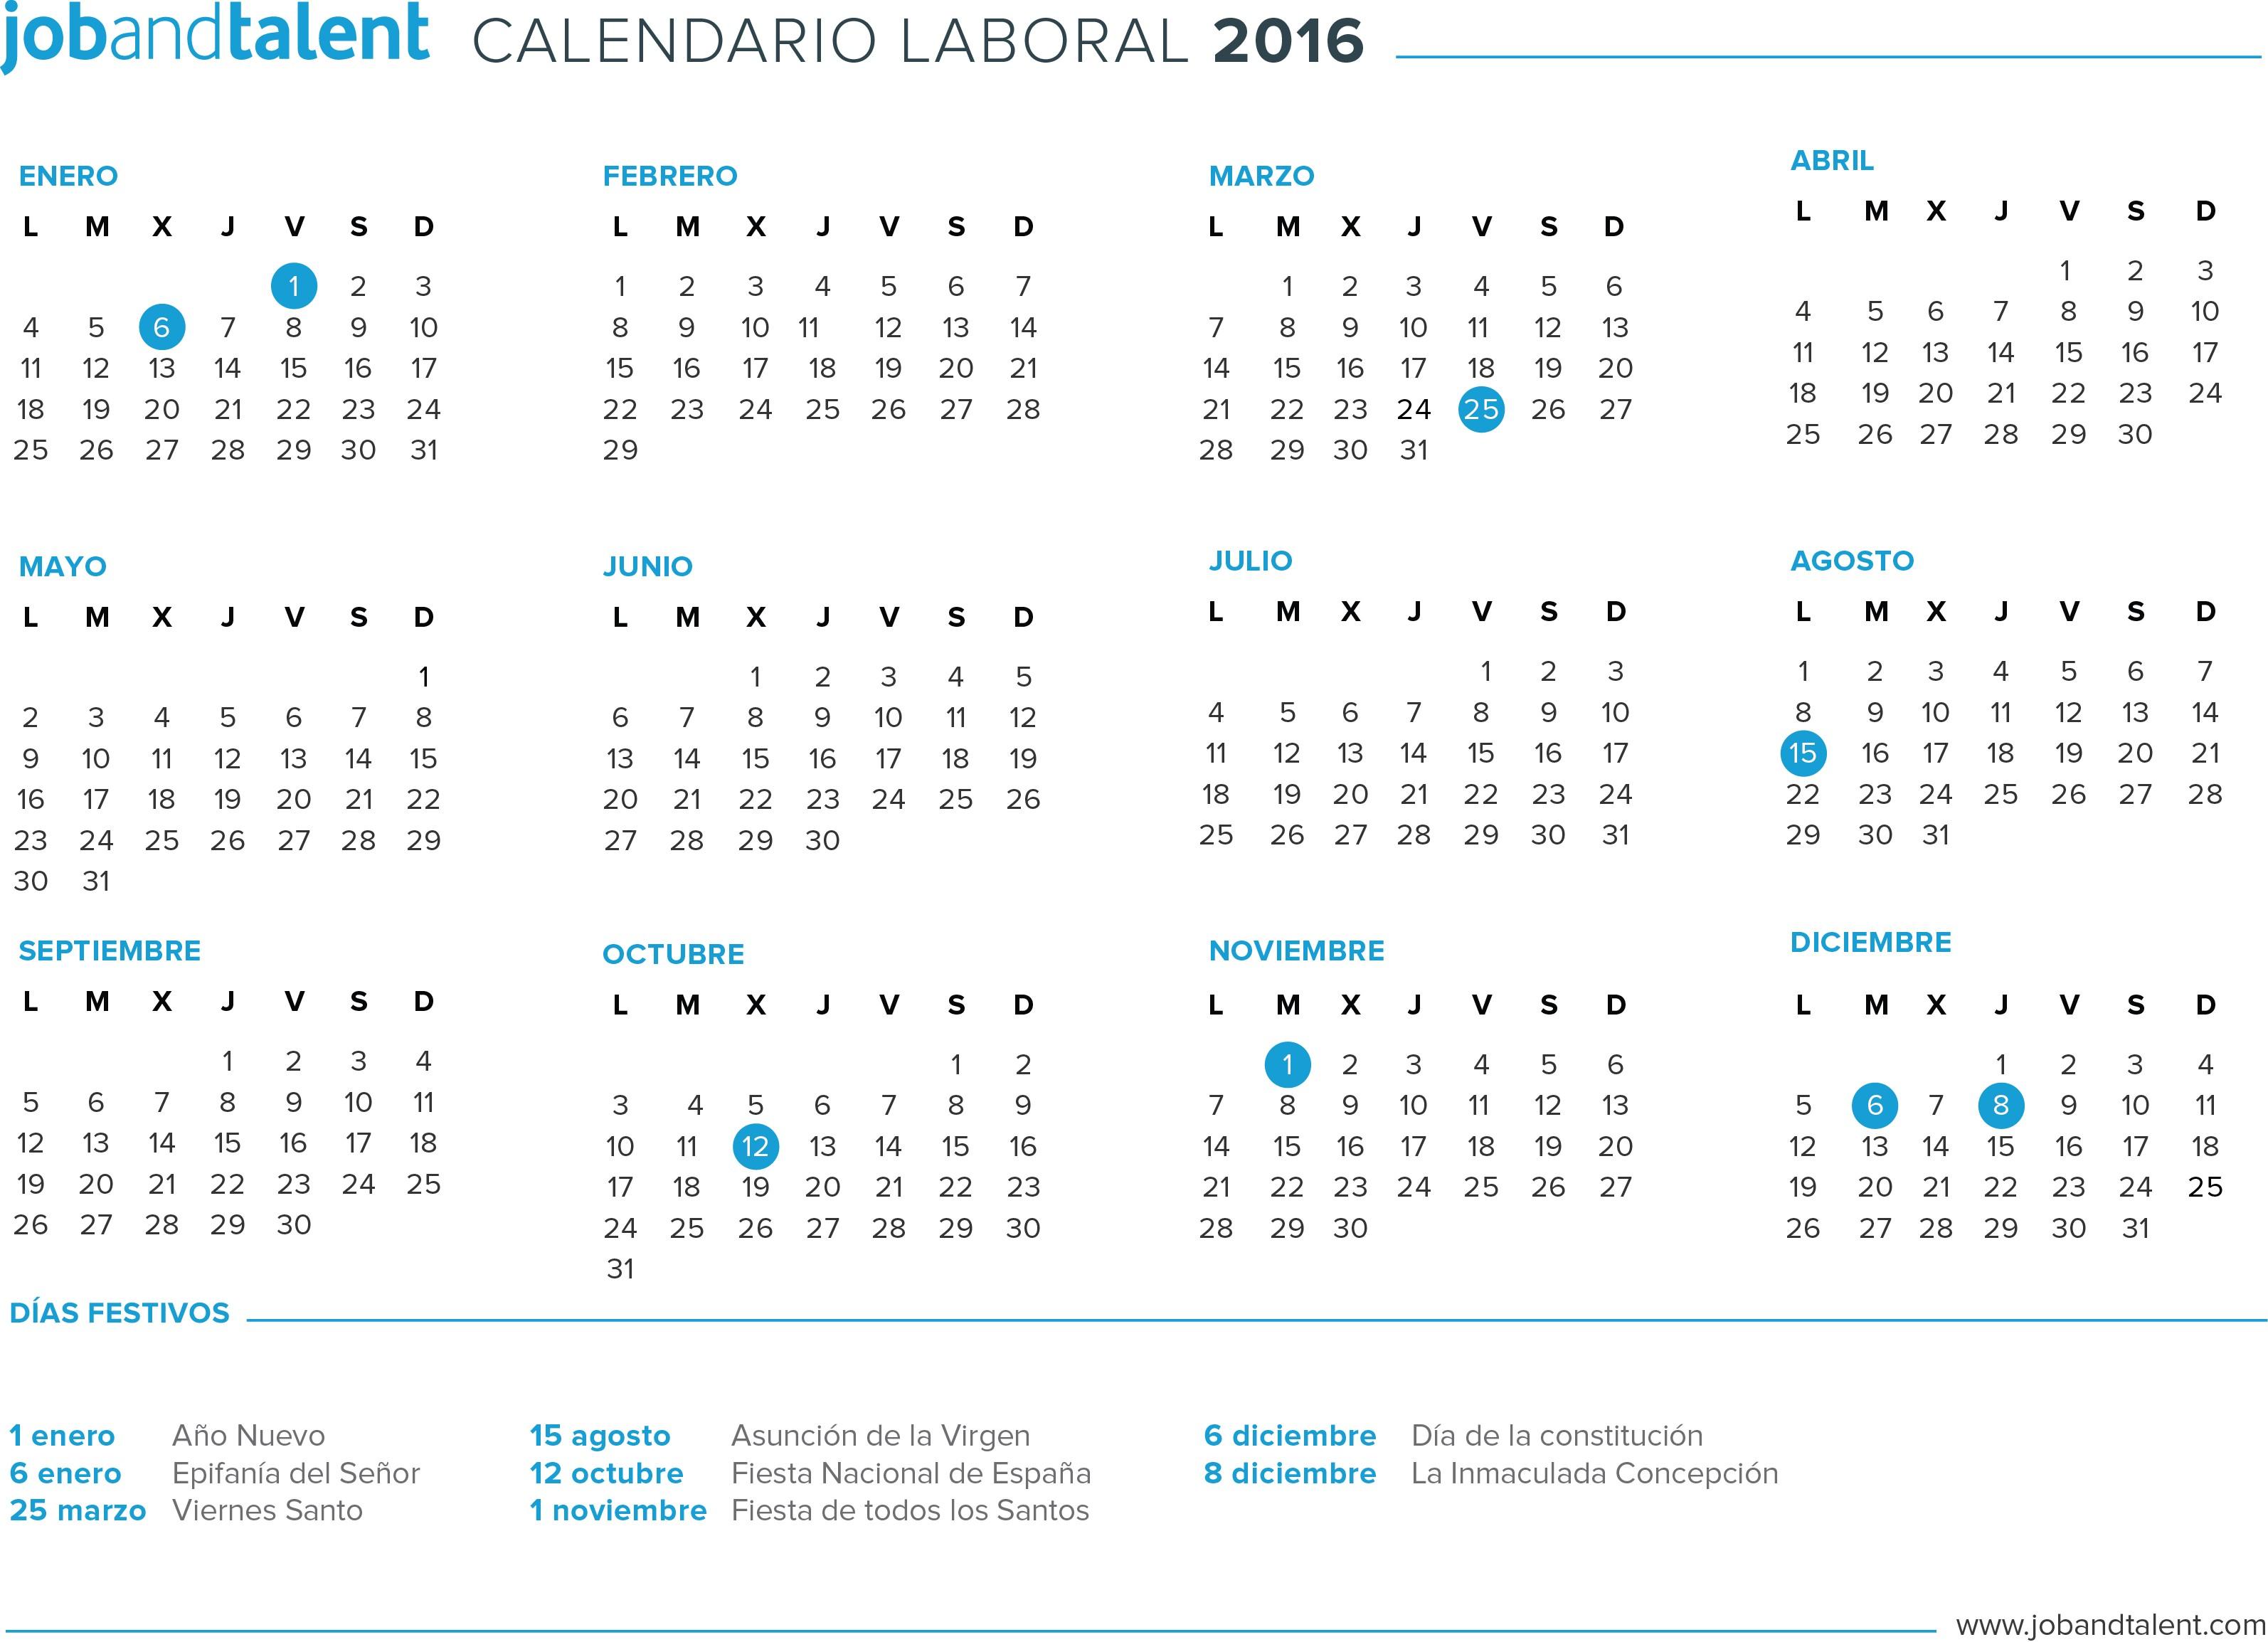 Calendario Laboral 2019 España Imprimir Más Caliente Calendario Enero 2016 Icalendario Of Calendario Laboral 2019 España Imprimir Más Caliente De Estudio No Se